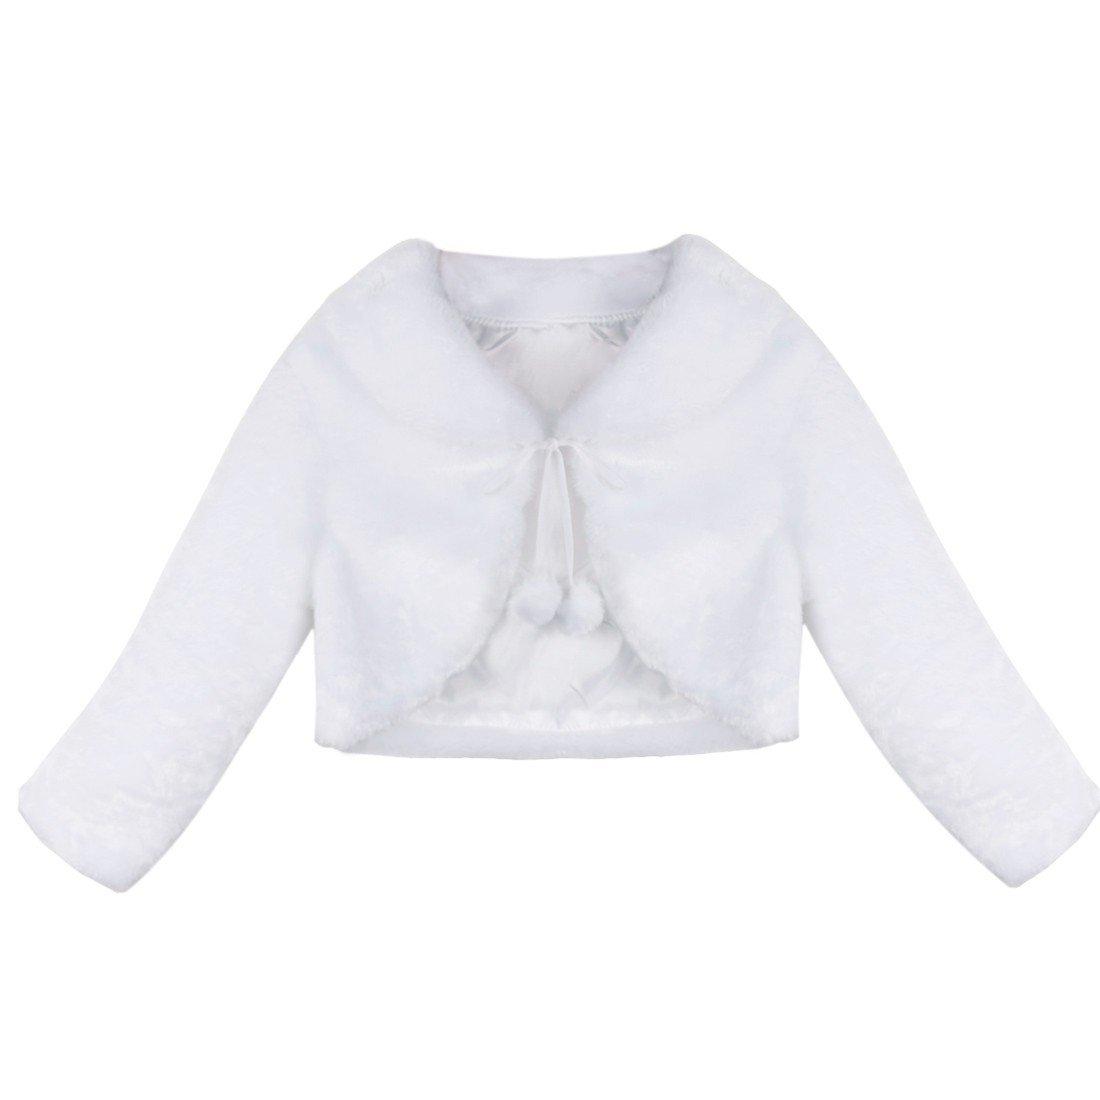 TiaoBug Girls Faux Fur Flower Girl Bolero Shrug Coat Wedding Bridal Party Prom Dress Jacket White 2-3